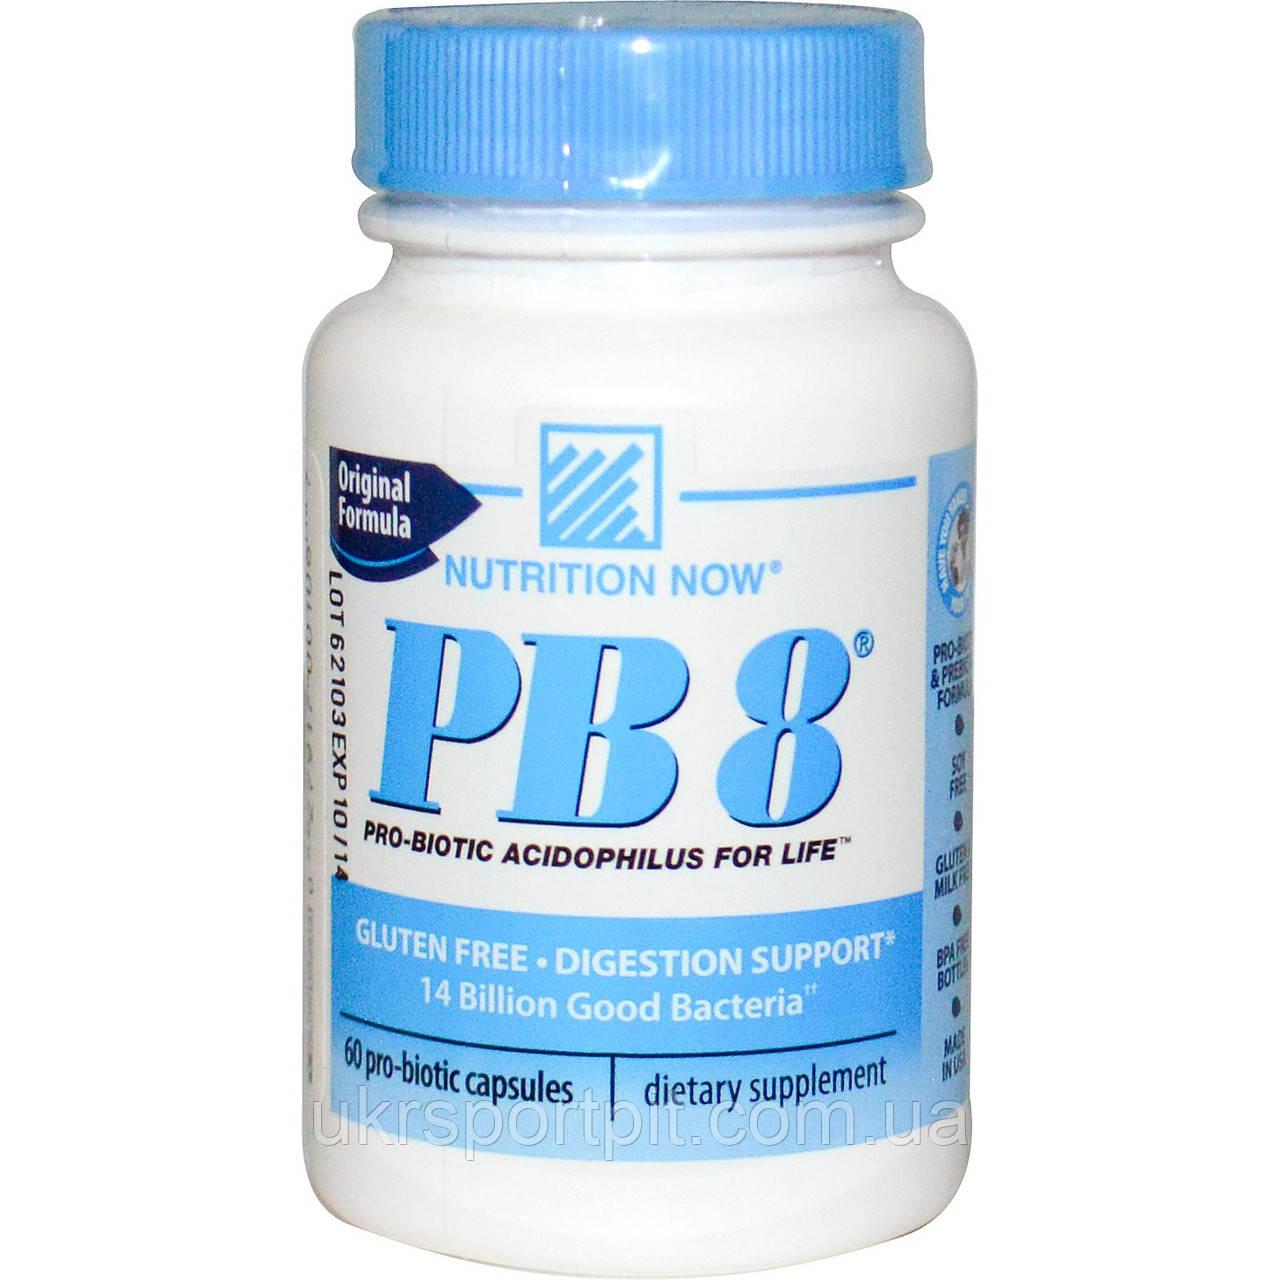 Nutrition Now PB8 60 Pro-Biotic Capsules